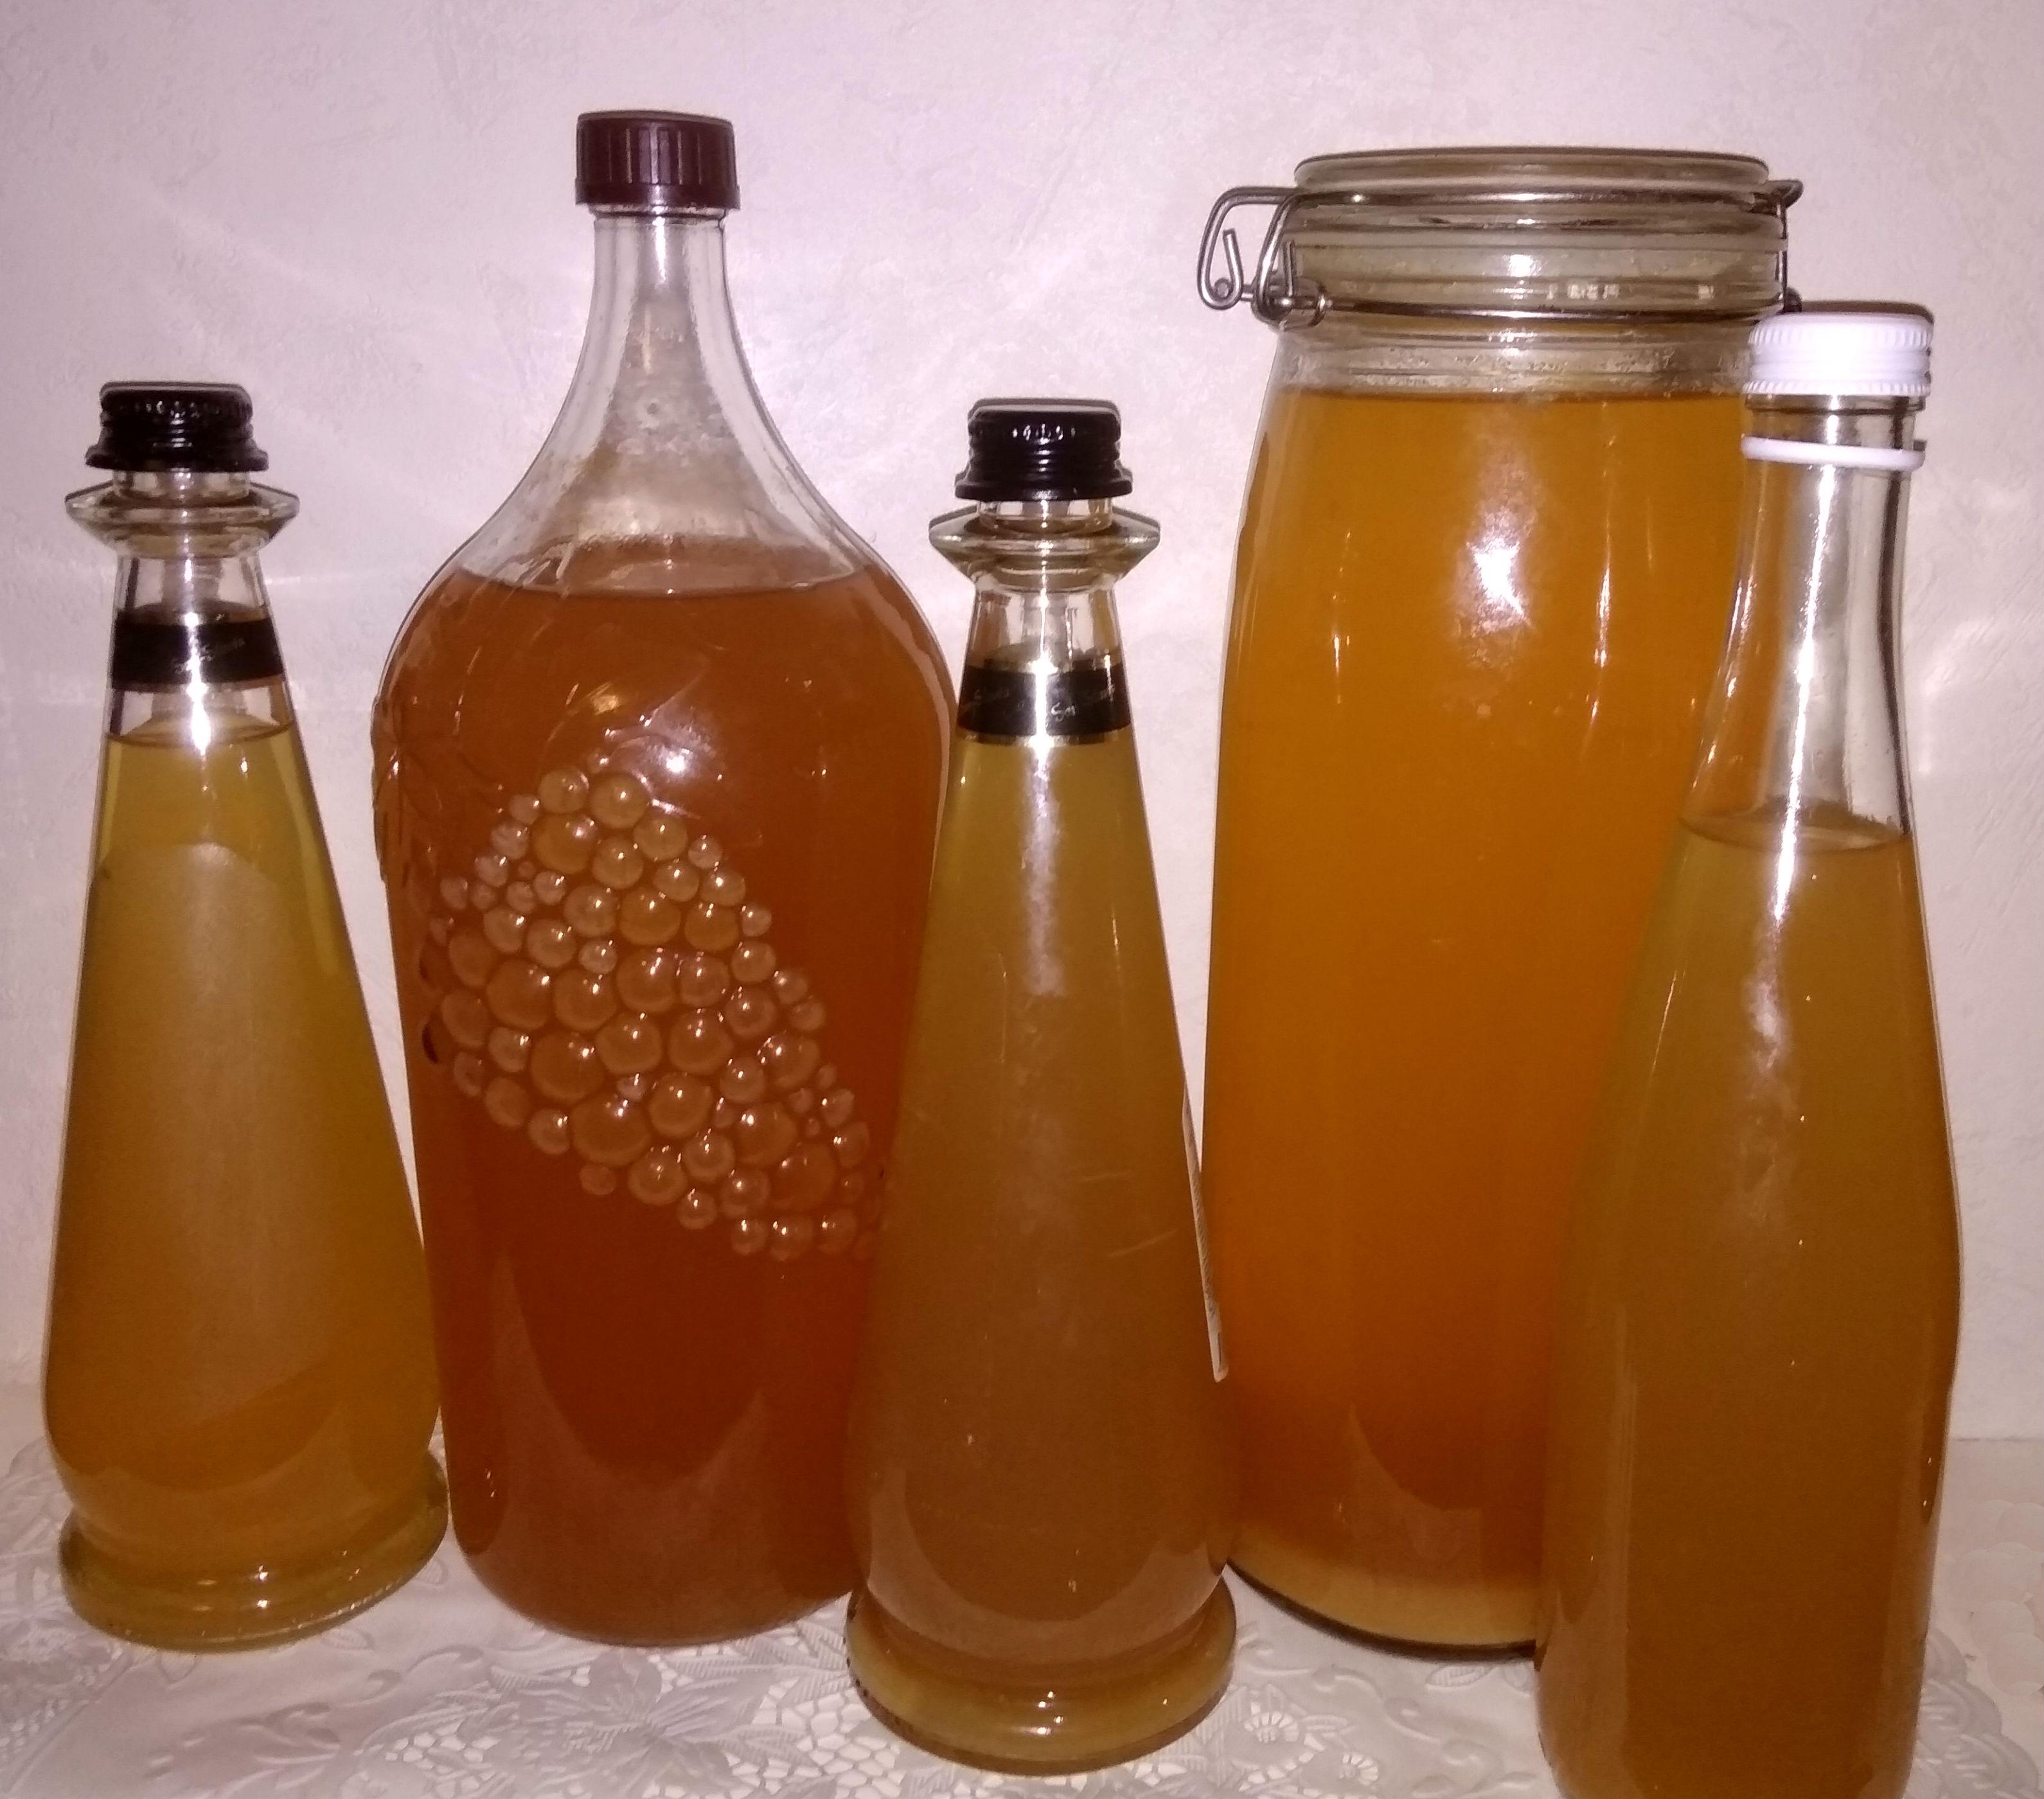 Яблочный уксус: натурпродукт высокого качества